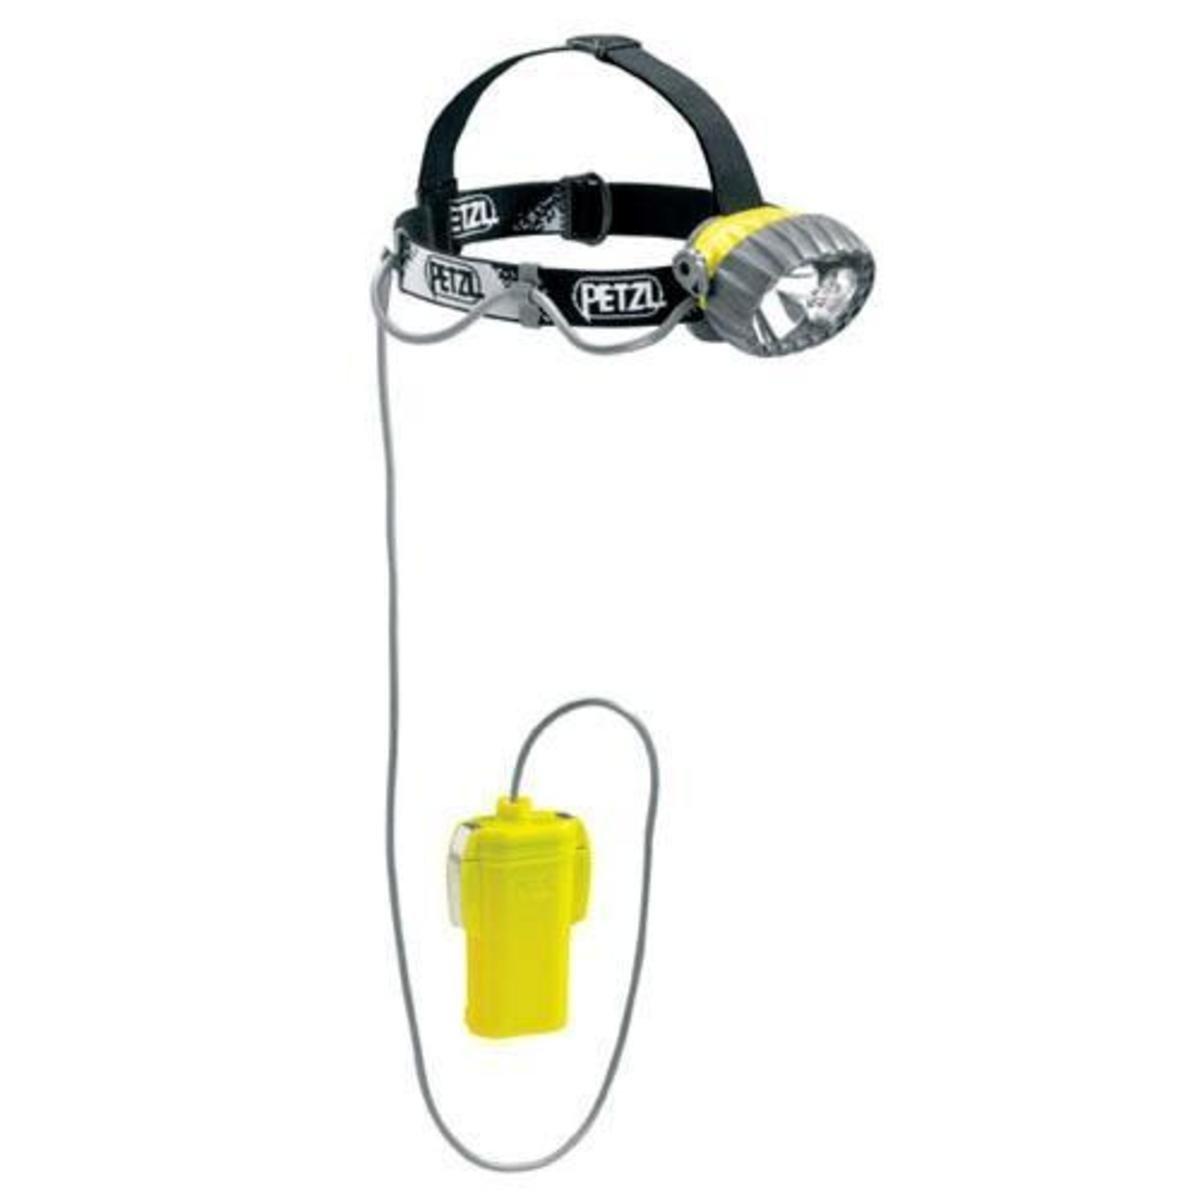 Petzl DUOBELT LED 5 headlamp